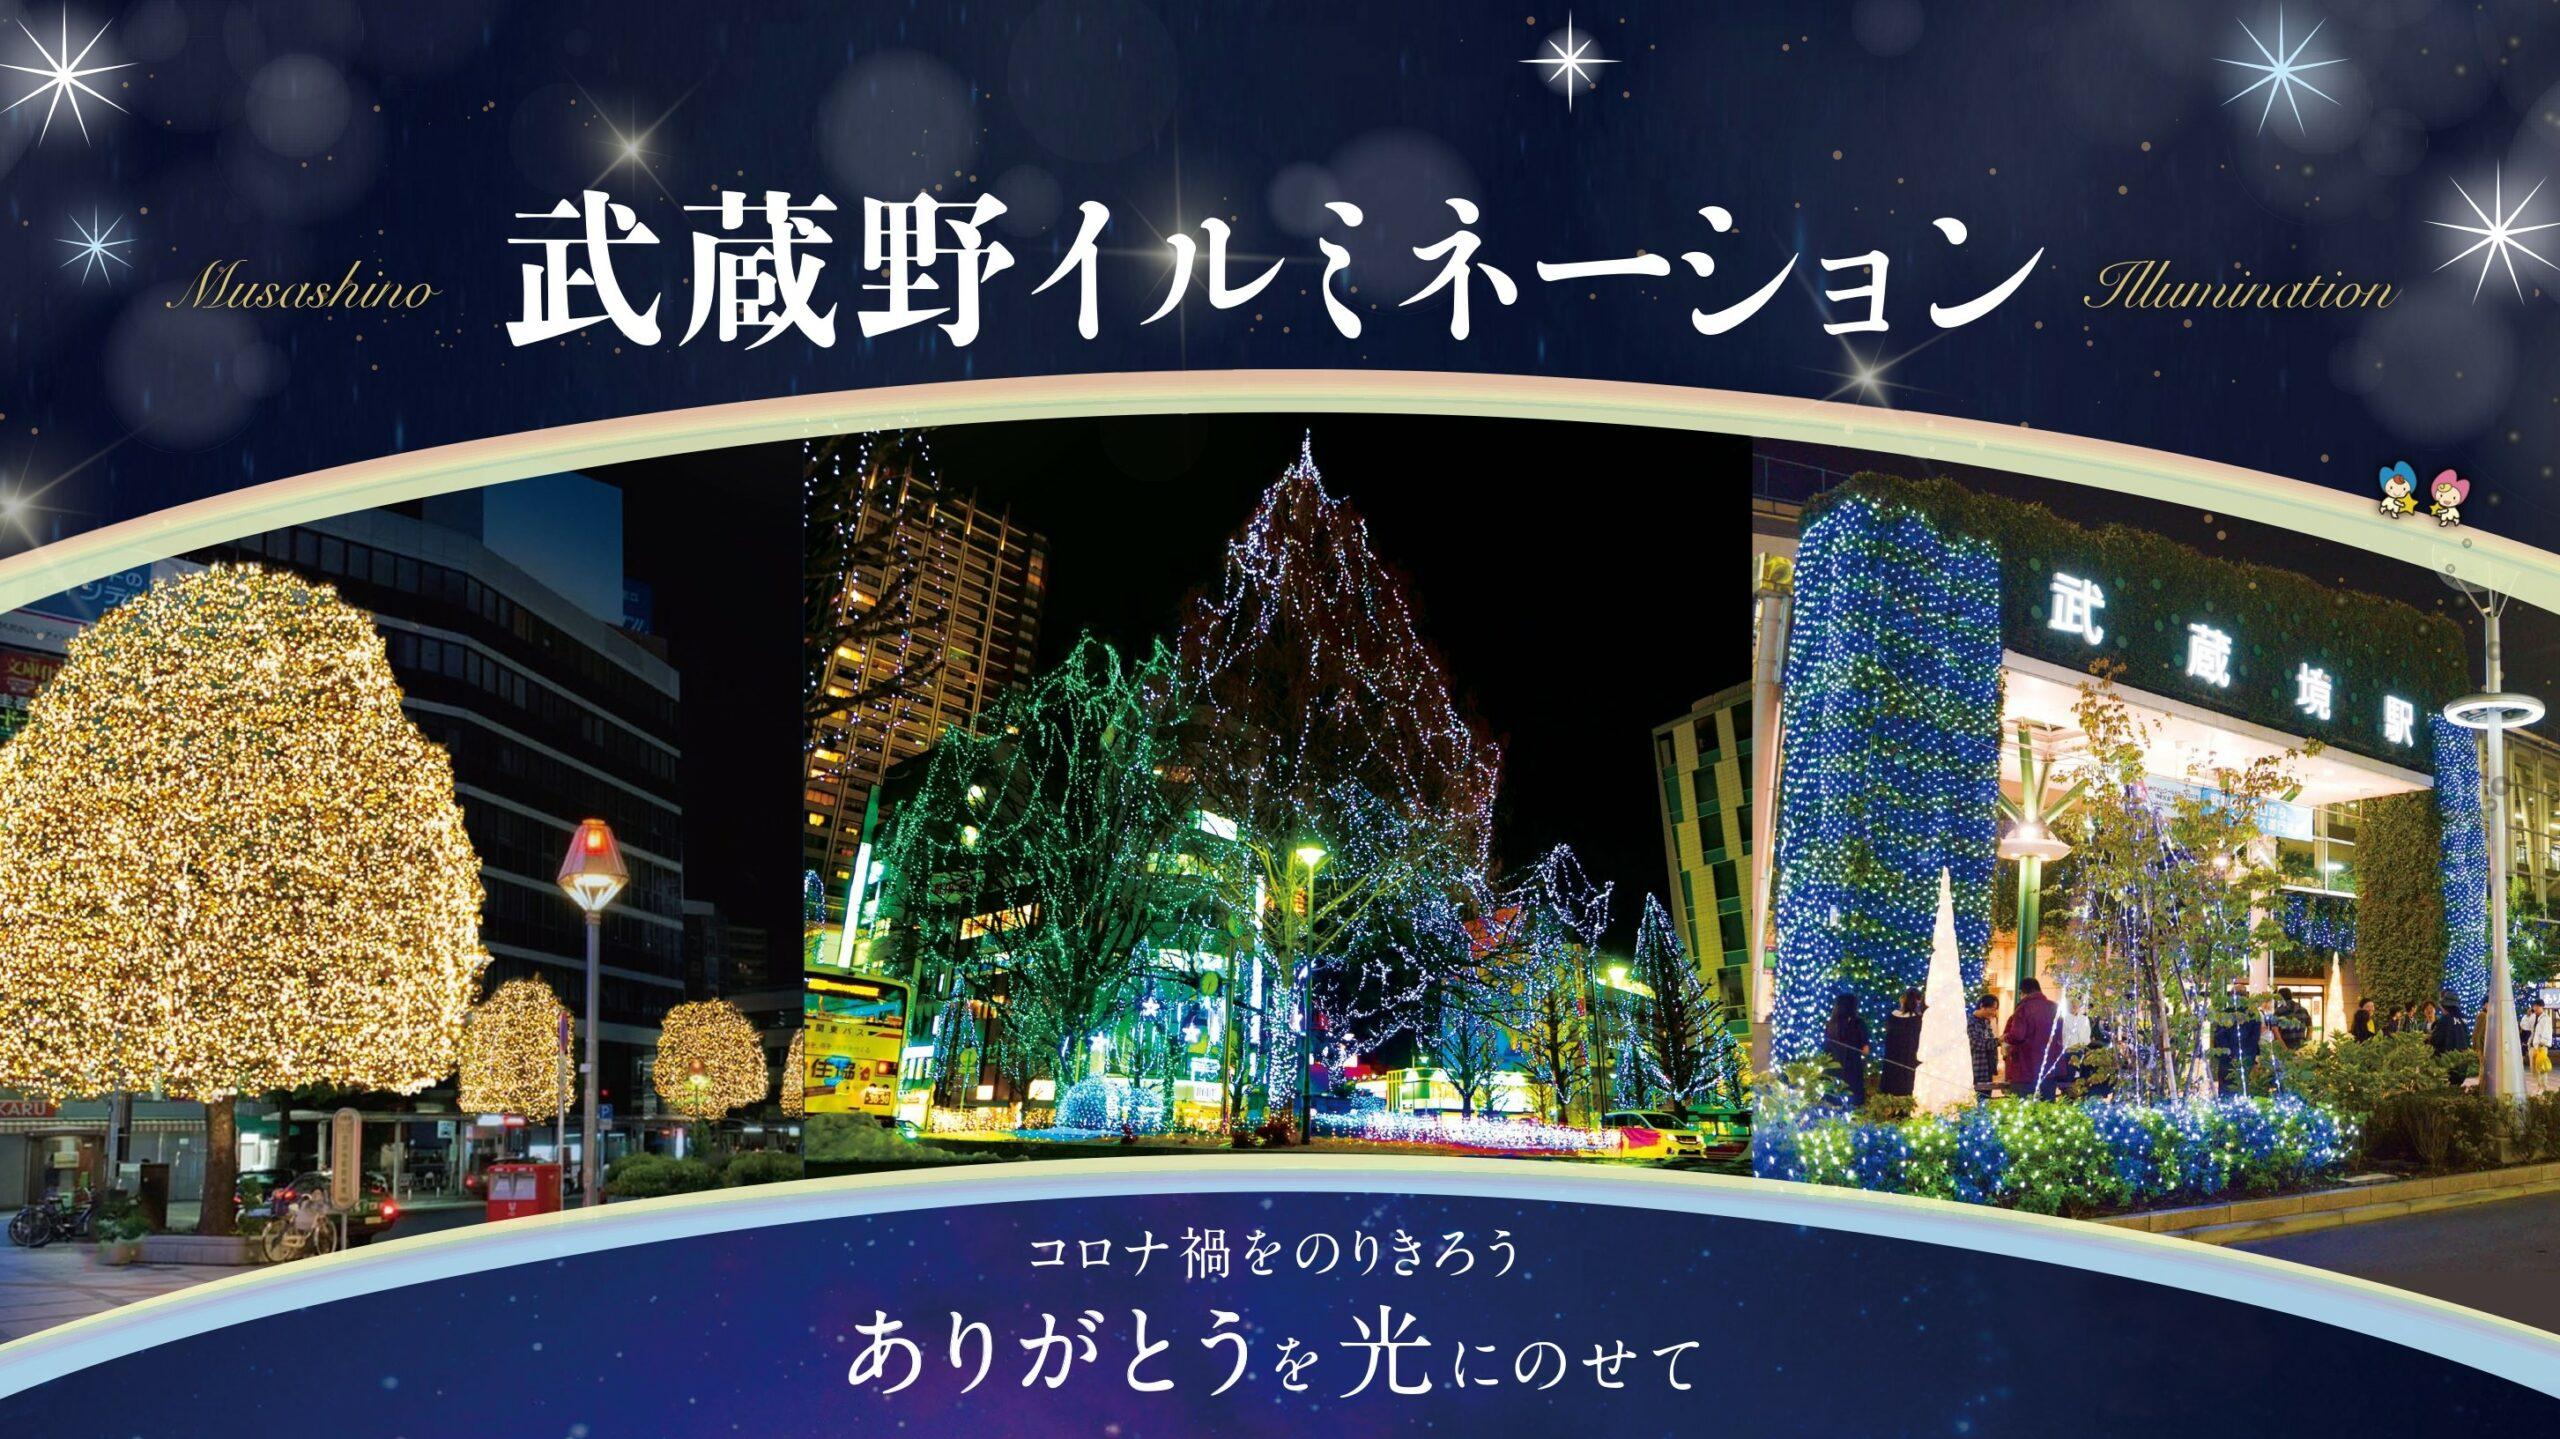 [地域情報]武蔵野の年末年始のイベント動向(イルミネーション&七福神めぐり)